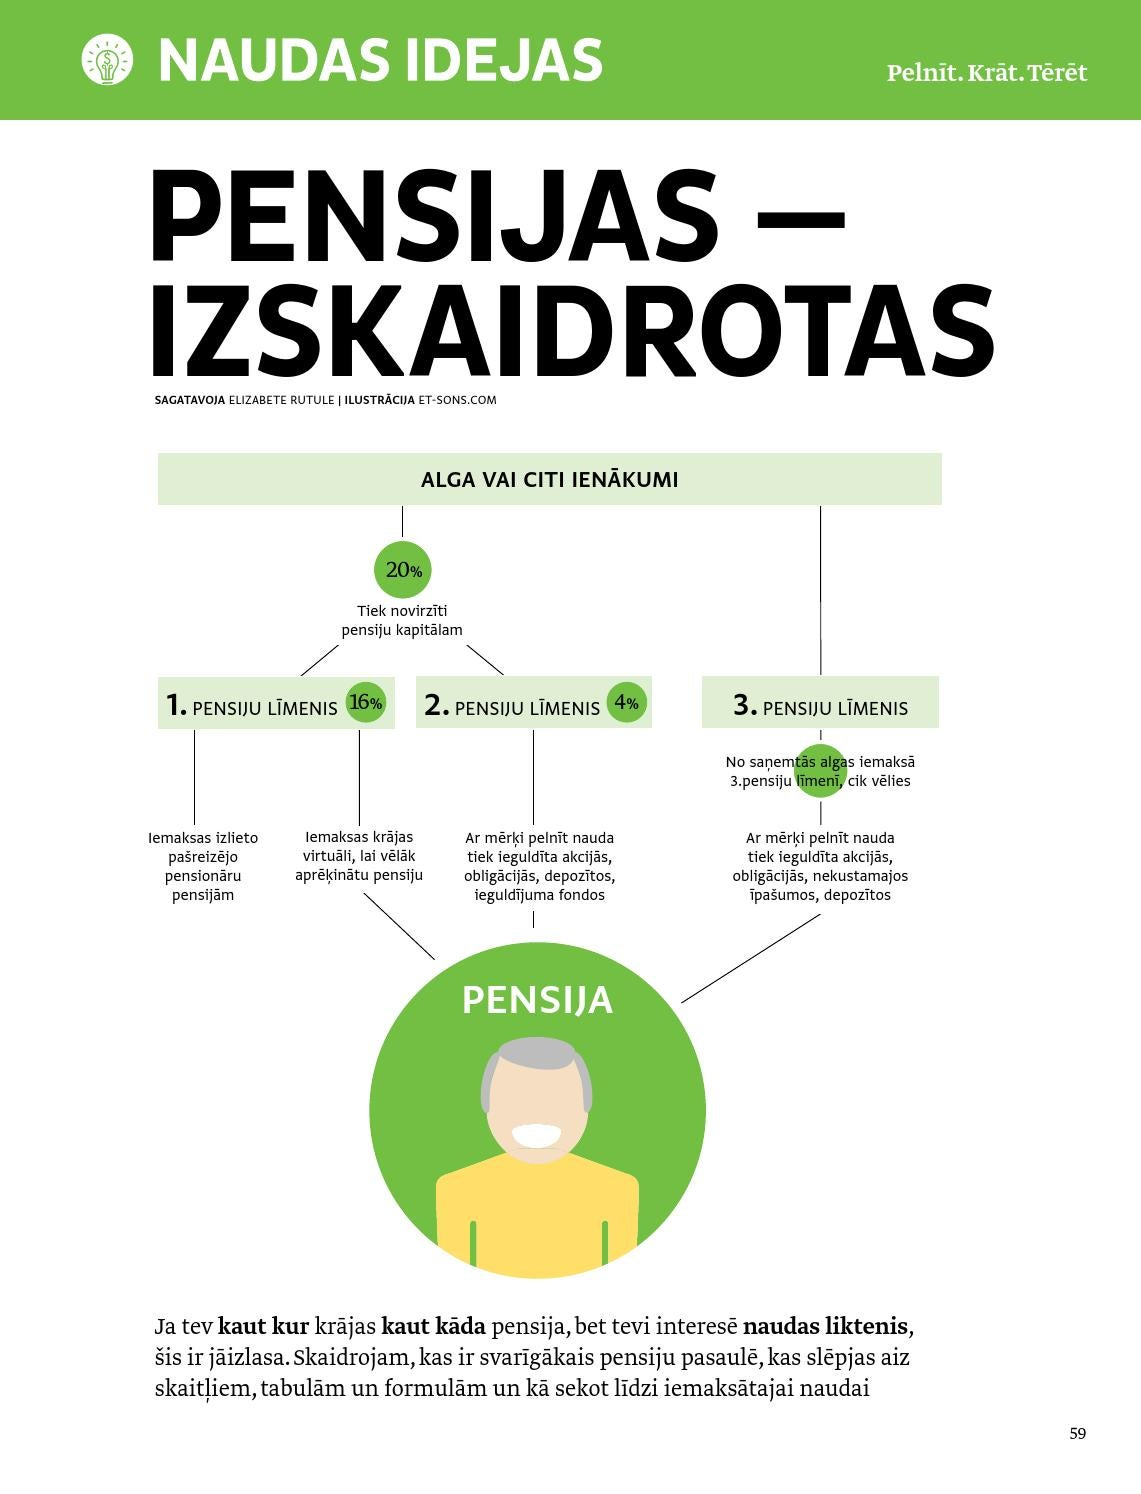 kā ieguldīt un nopelnīt naudu)